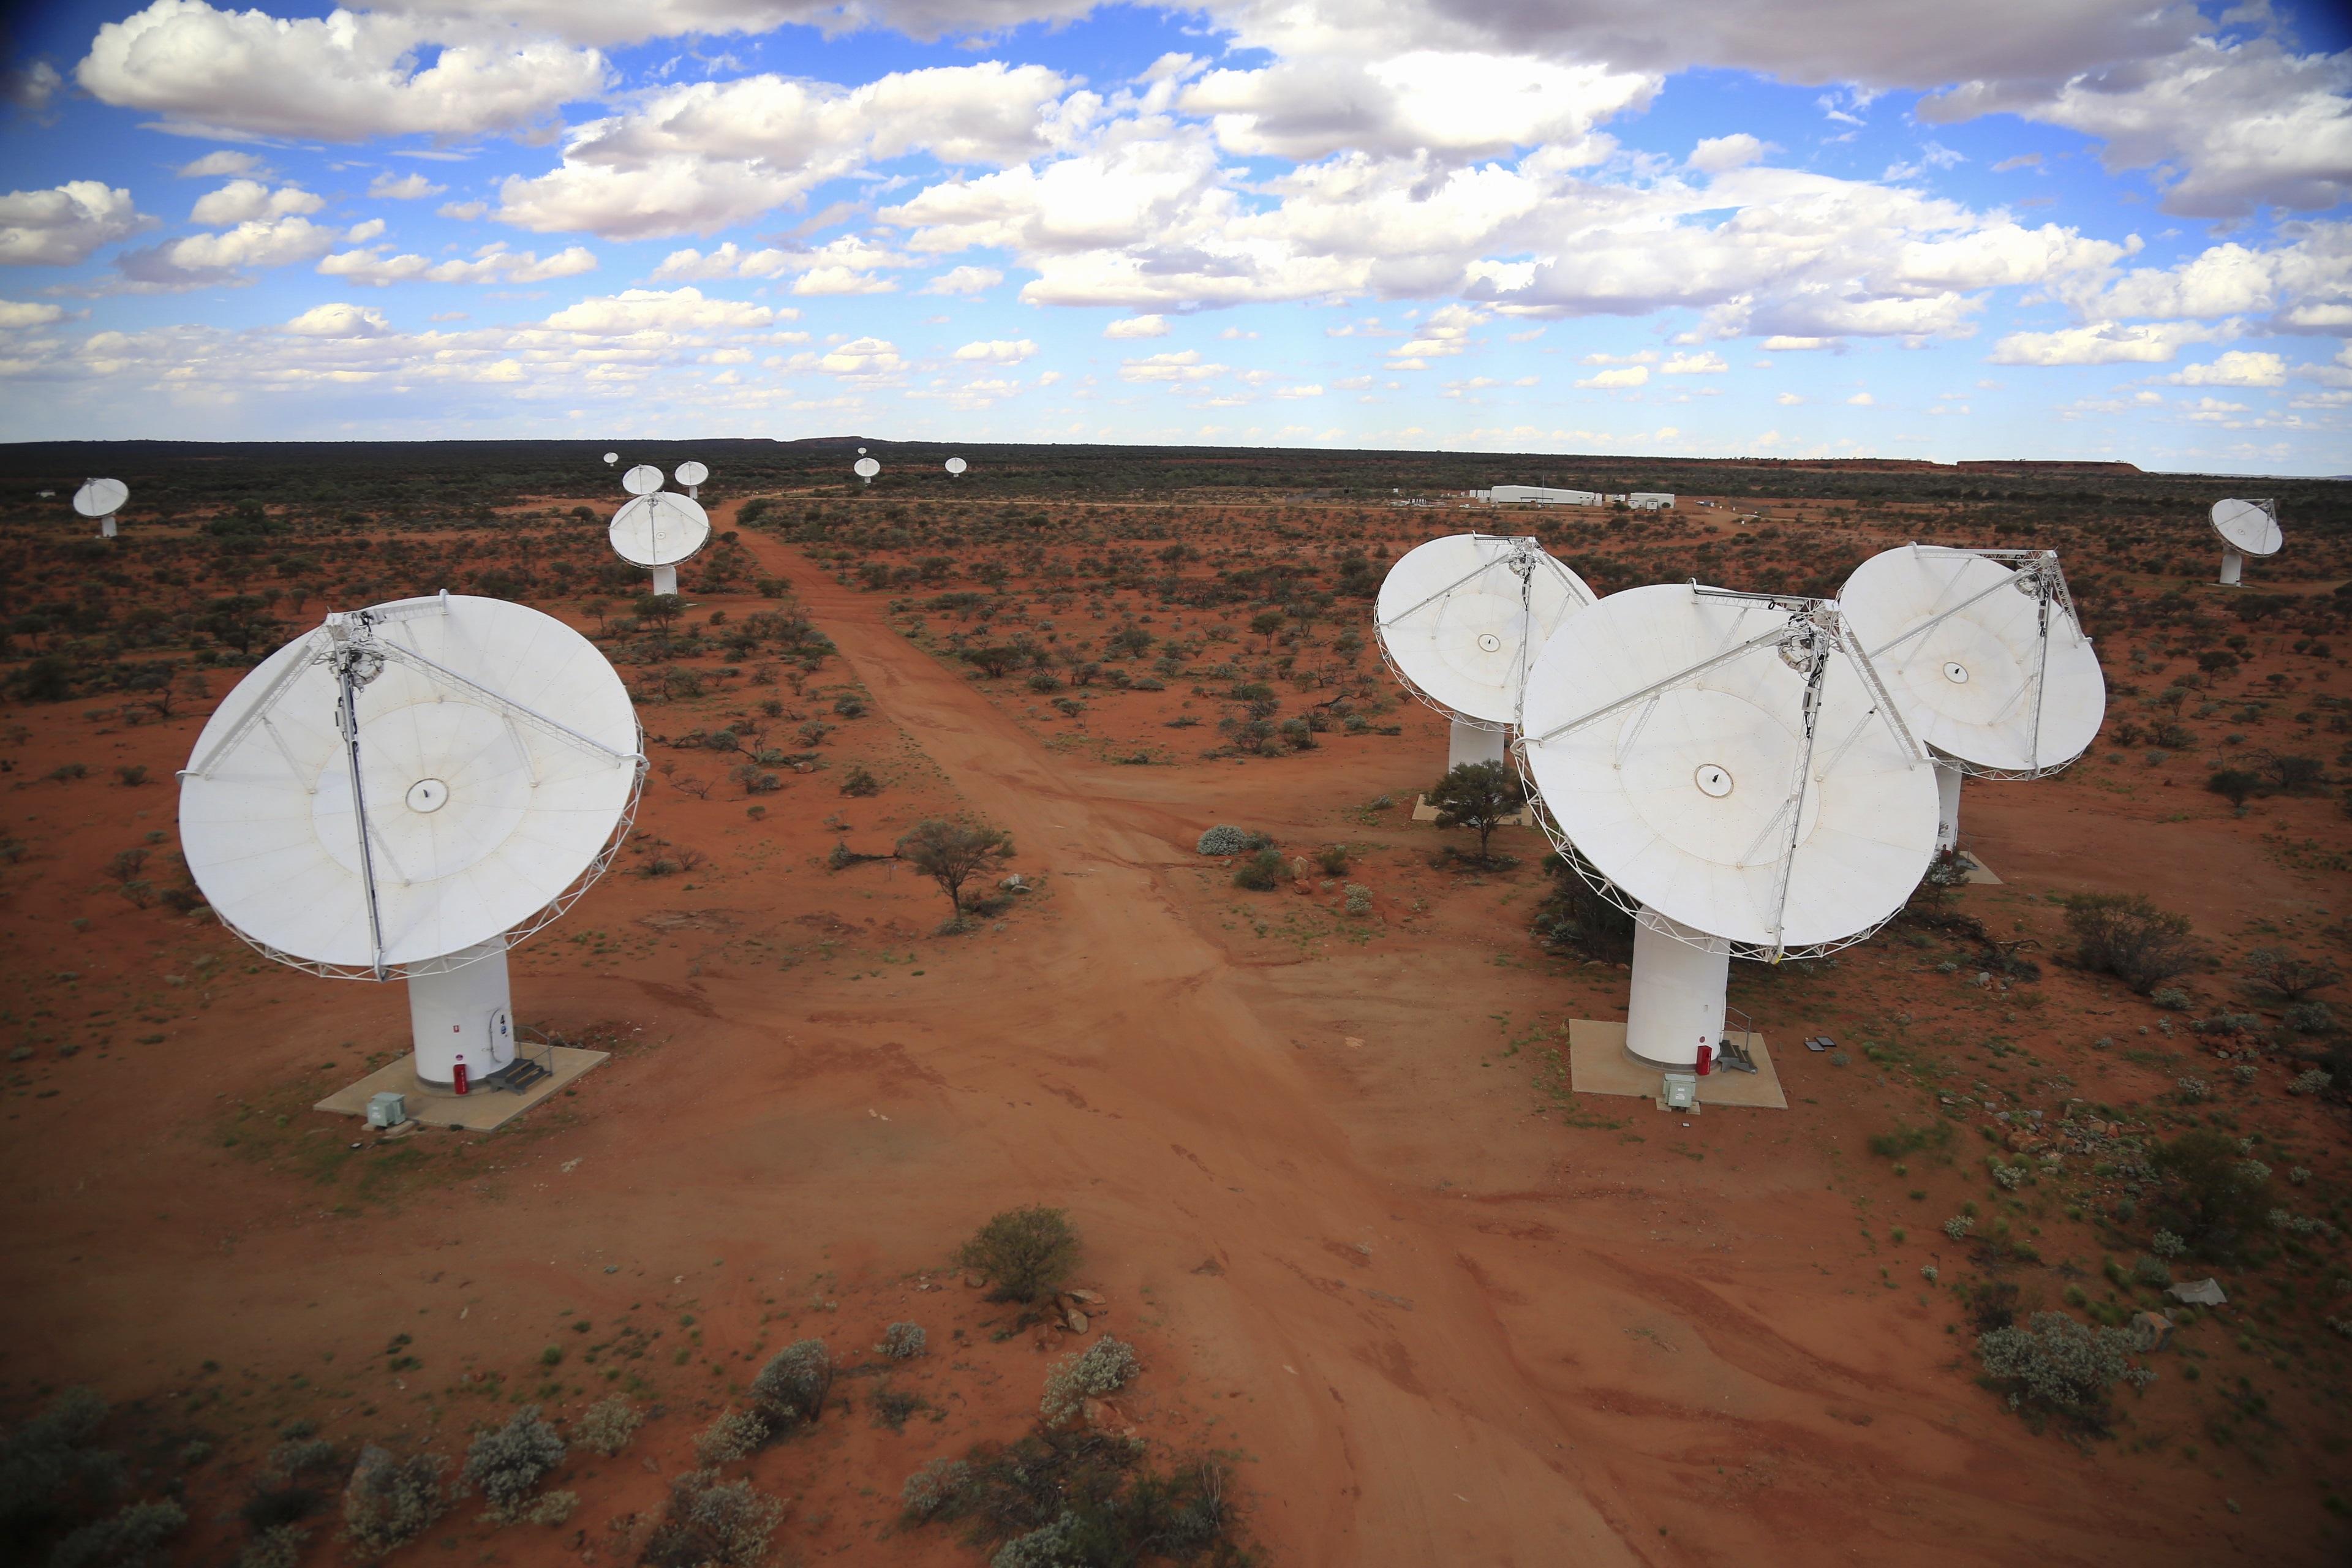 CSIRO's Australian Square Kilometre Array Pathfinder (ASKAP) telescope - credit CSIRO